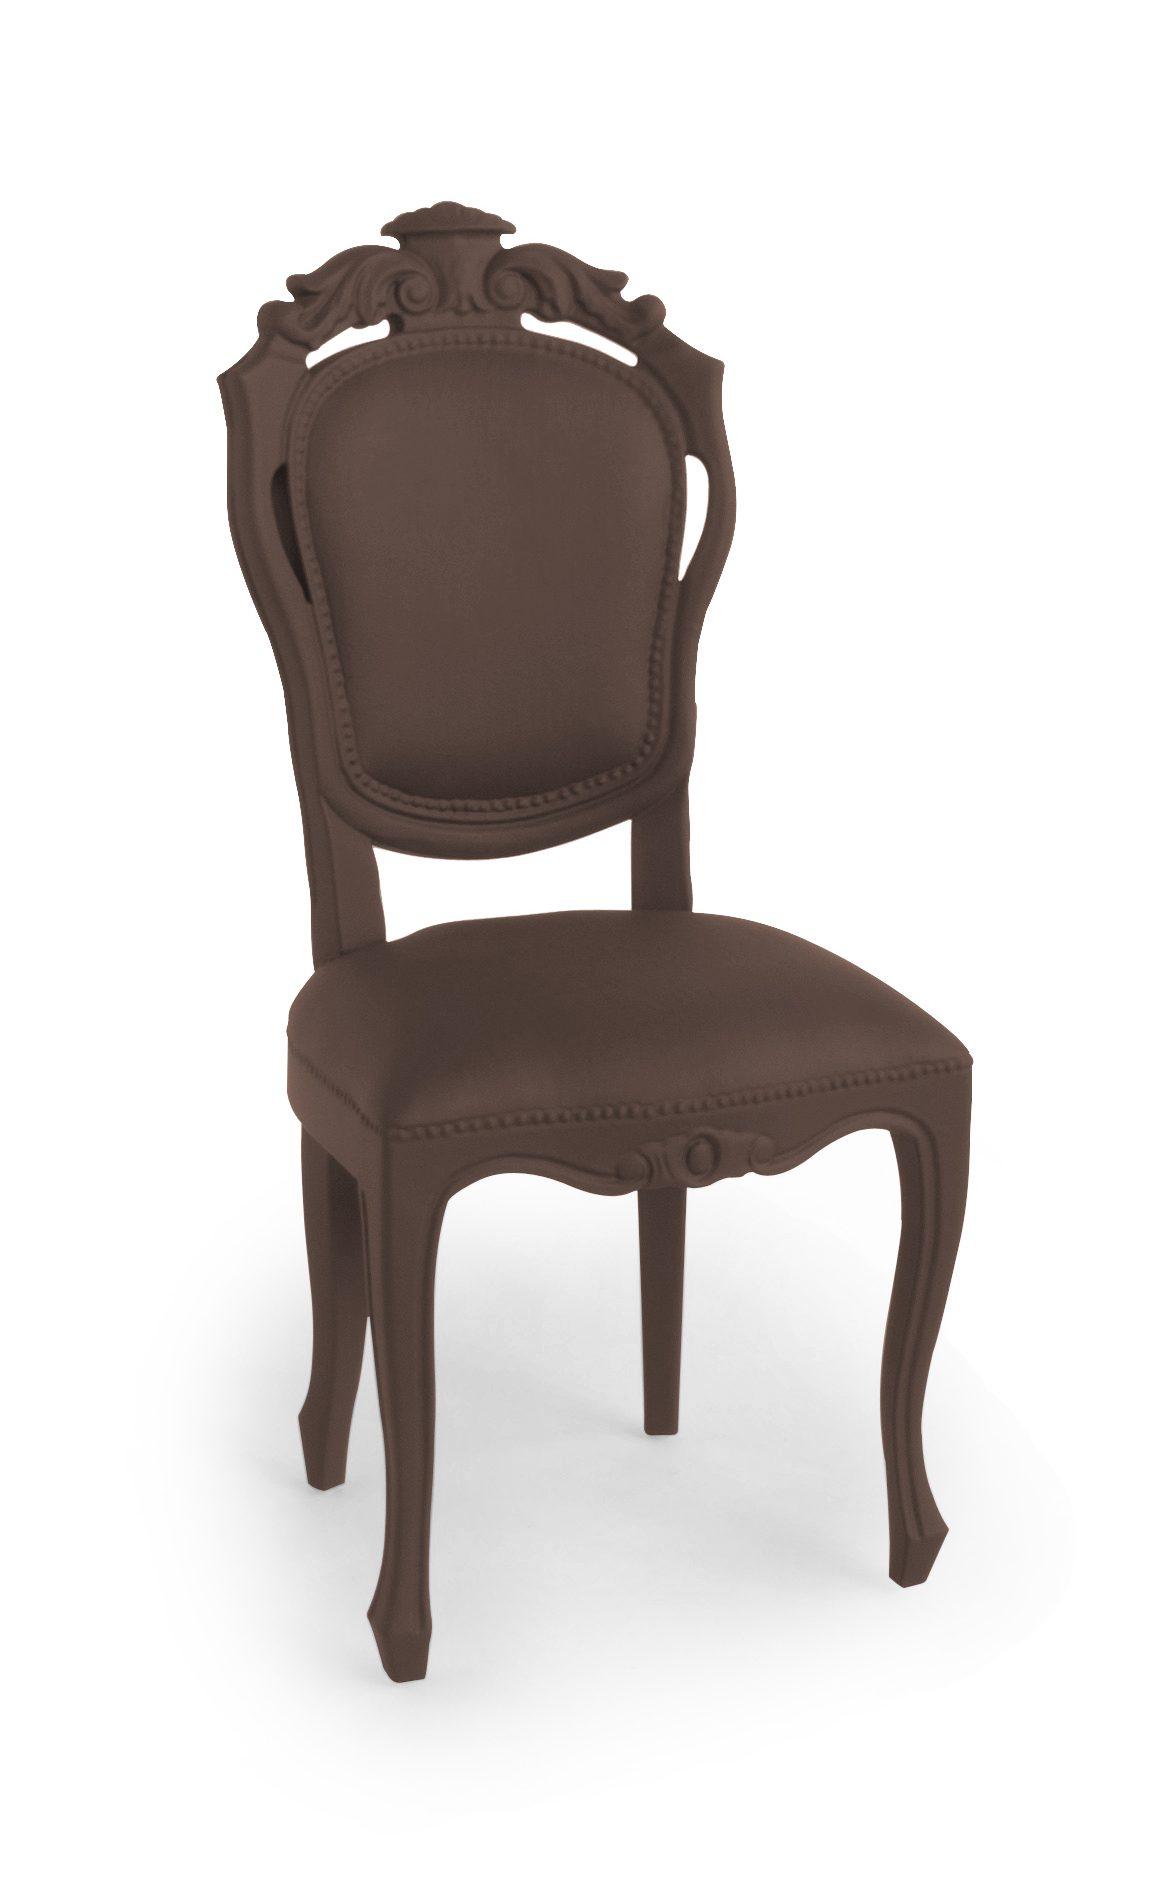 Plastic Fantastic Eettafelstoel Jspr Dining Chair Brown Bruin Exclusieve Meubels